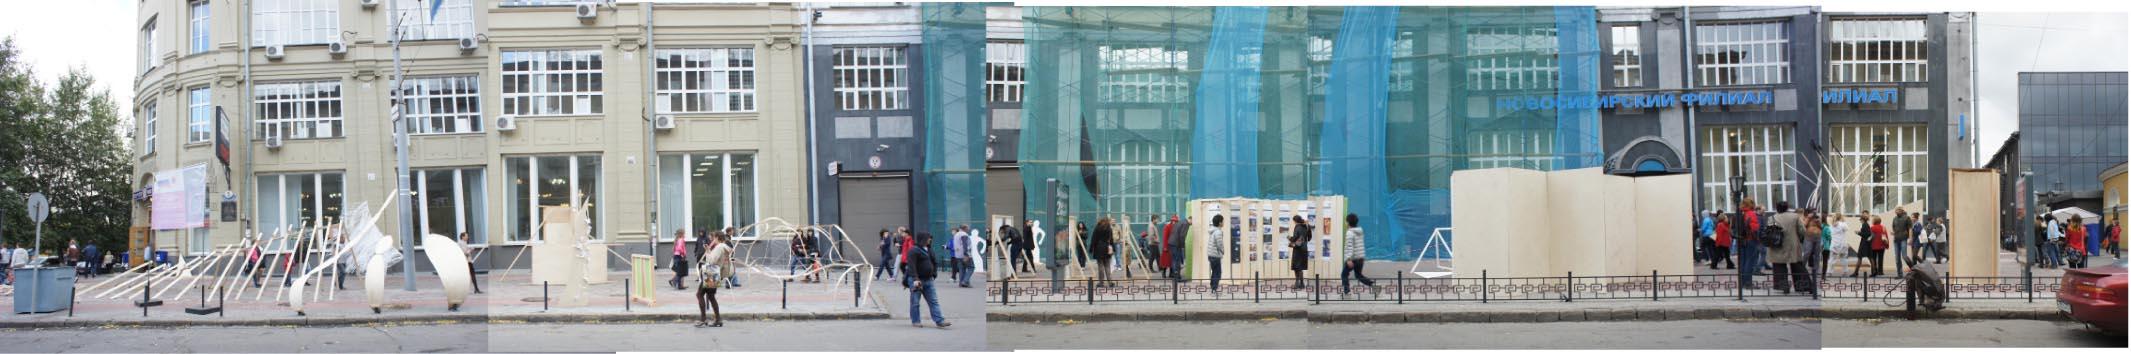 写真3:シベリア地方・ノボシビルスク芸術建築大学とのプロジェクト。レーニン通りでの仮設空間